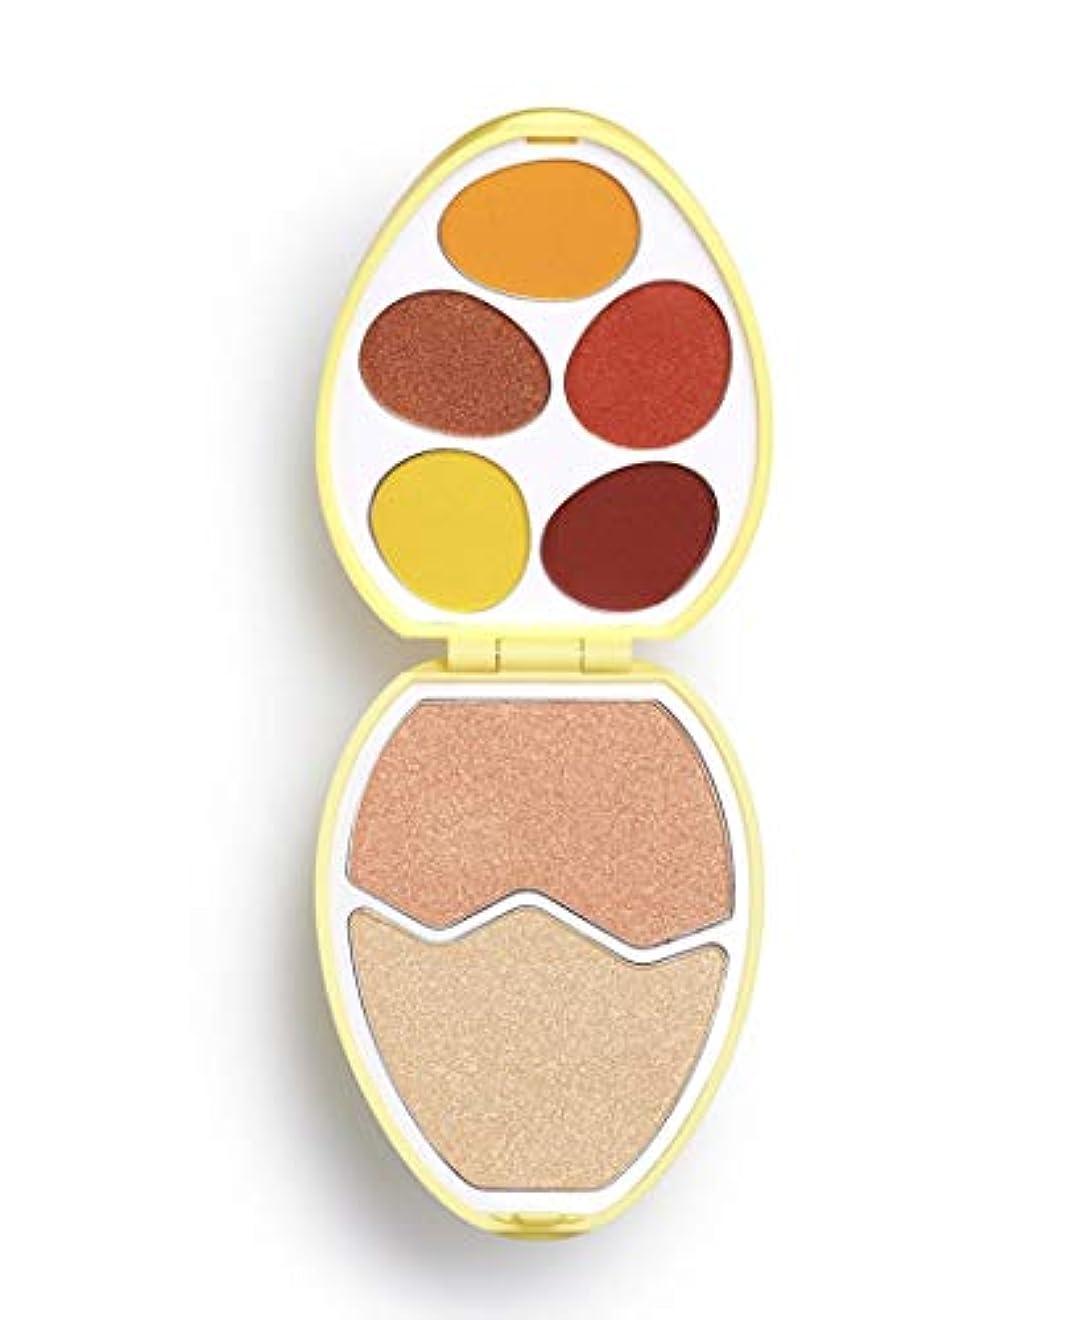 賛辞エネルギー締めるメイクアップレボリューション 卵型パレット アイシャドウ&ハイライター I Heart Revolution Easter Egg #Chick